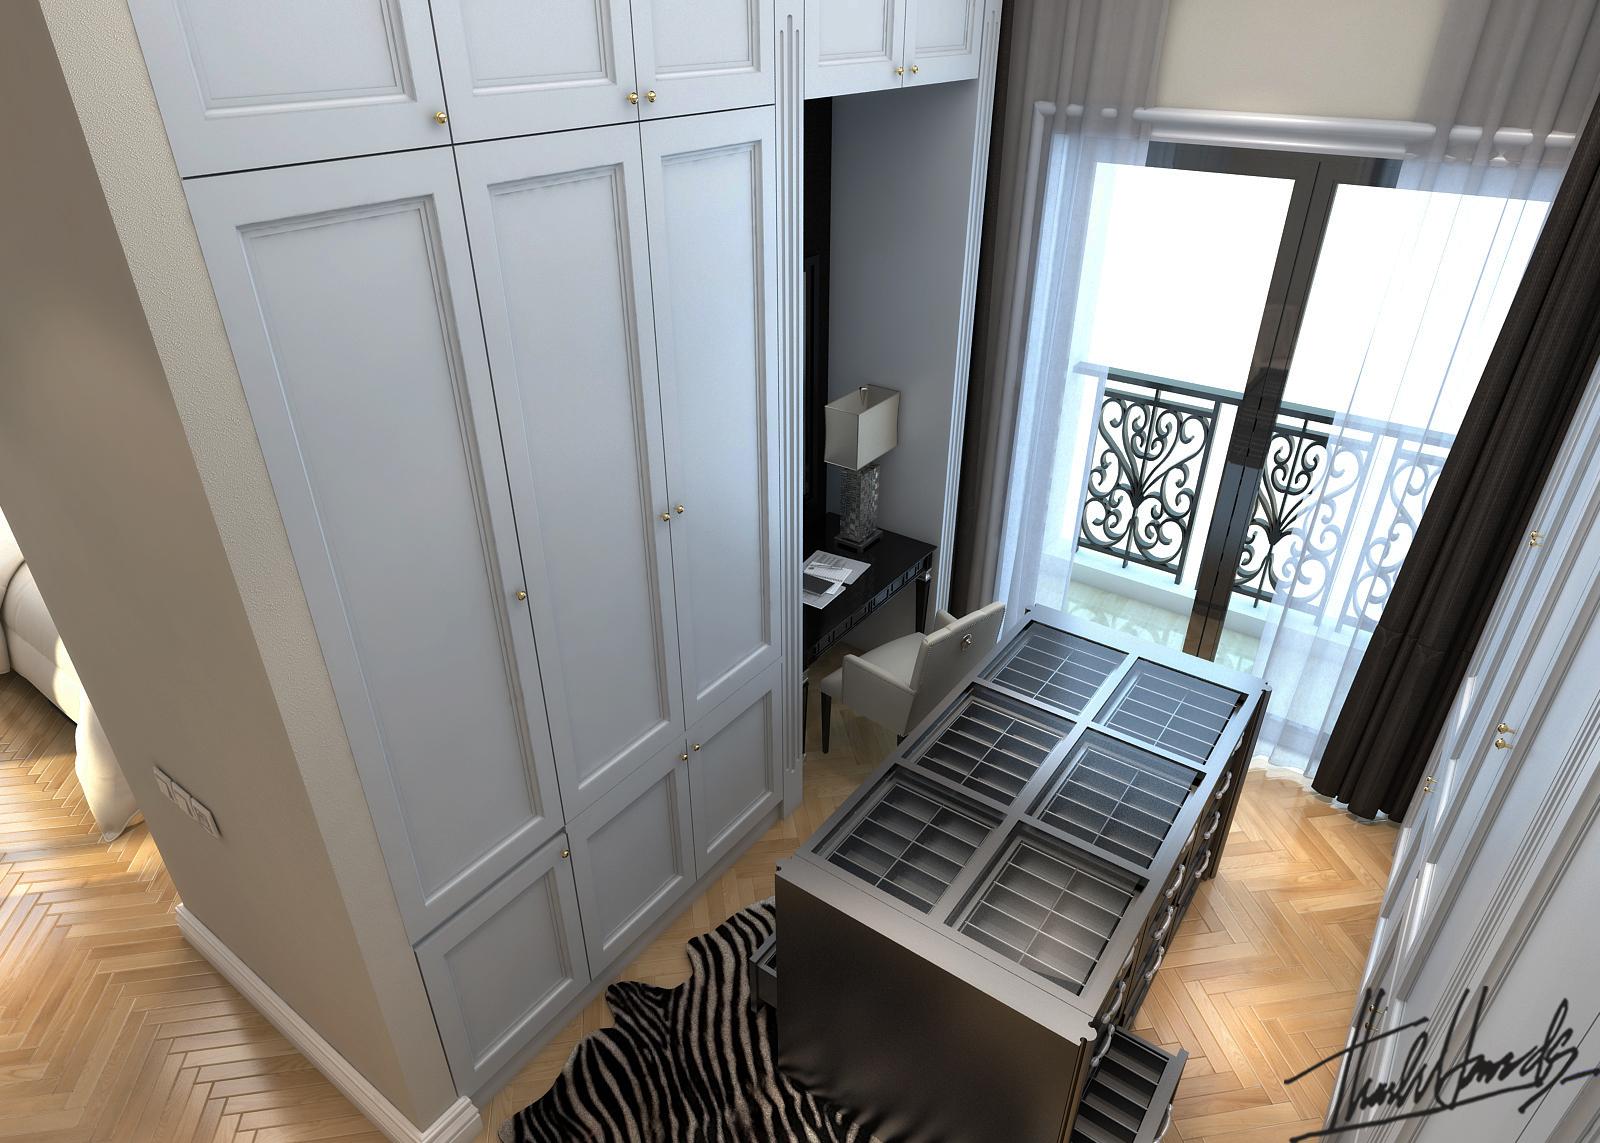 thiết kế nội thất Biệt Thự tại Hà Nội bt Vinhomes - riverside 30 1568274538